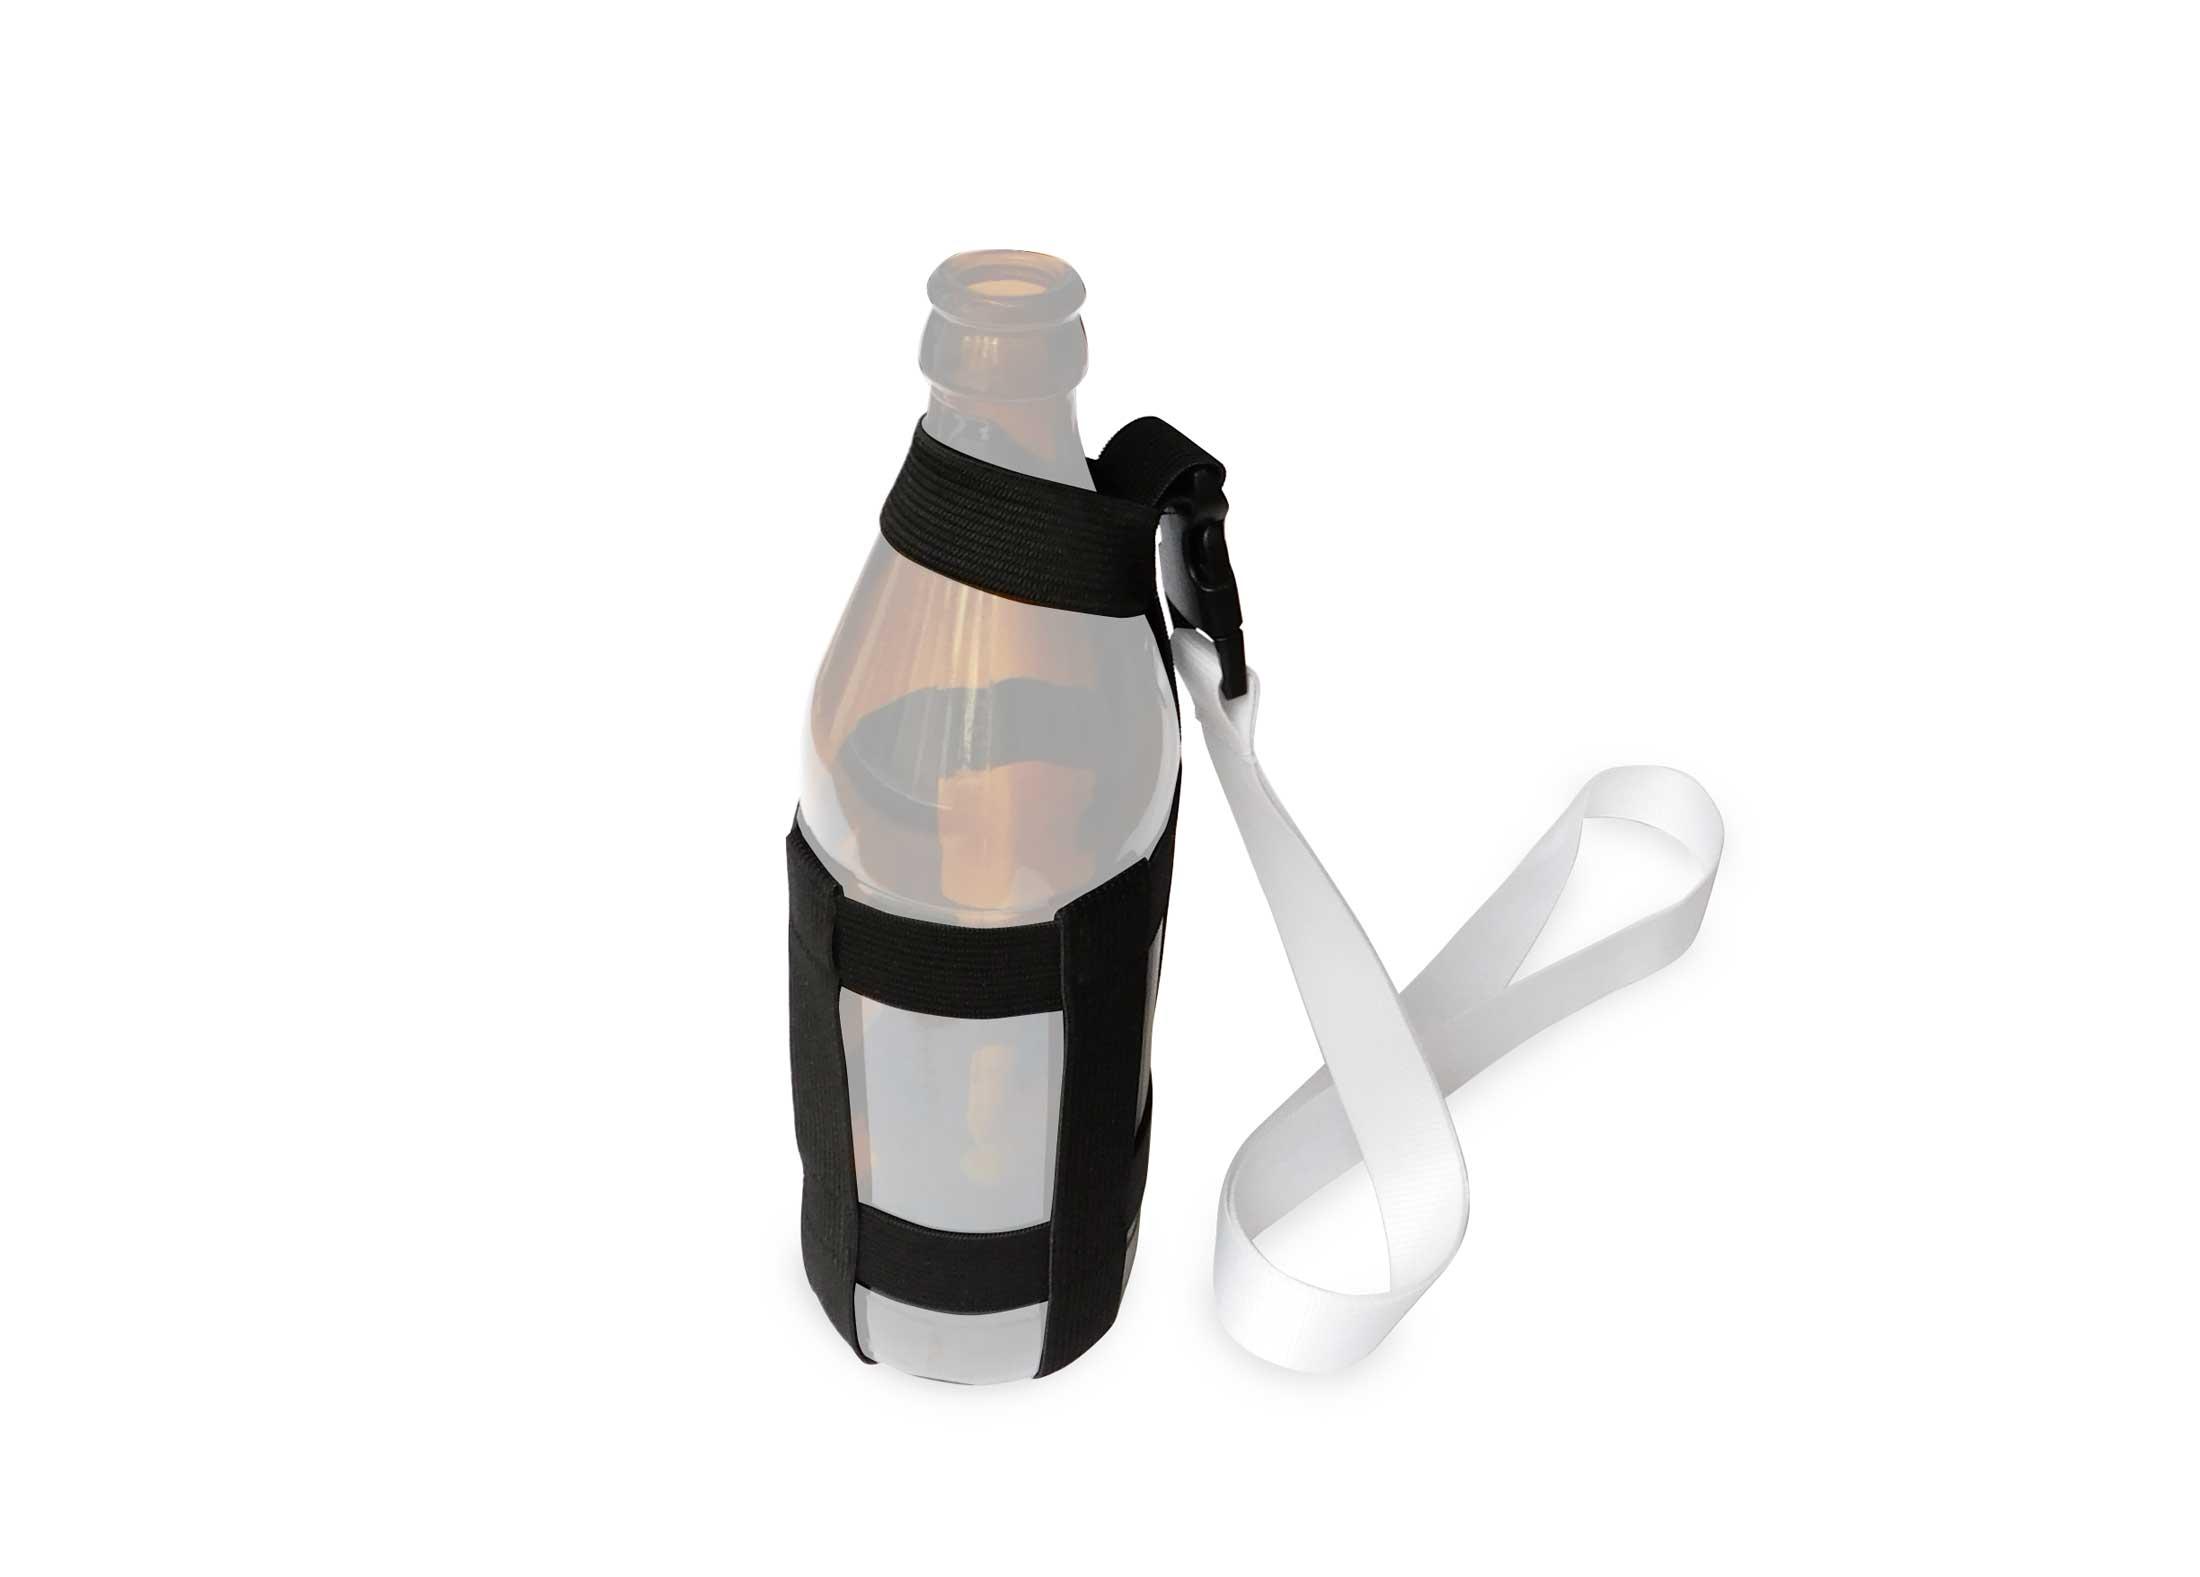 Glashalter Umhängeband für Bierflaschen